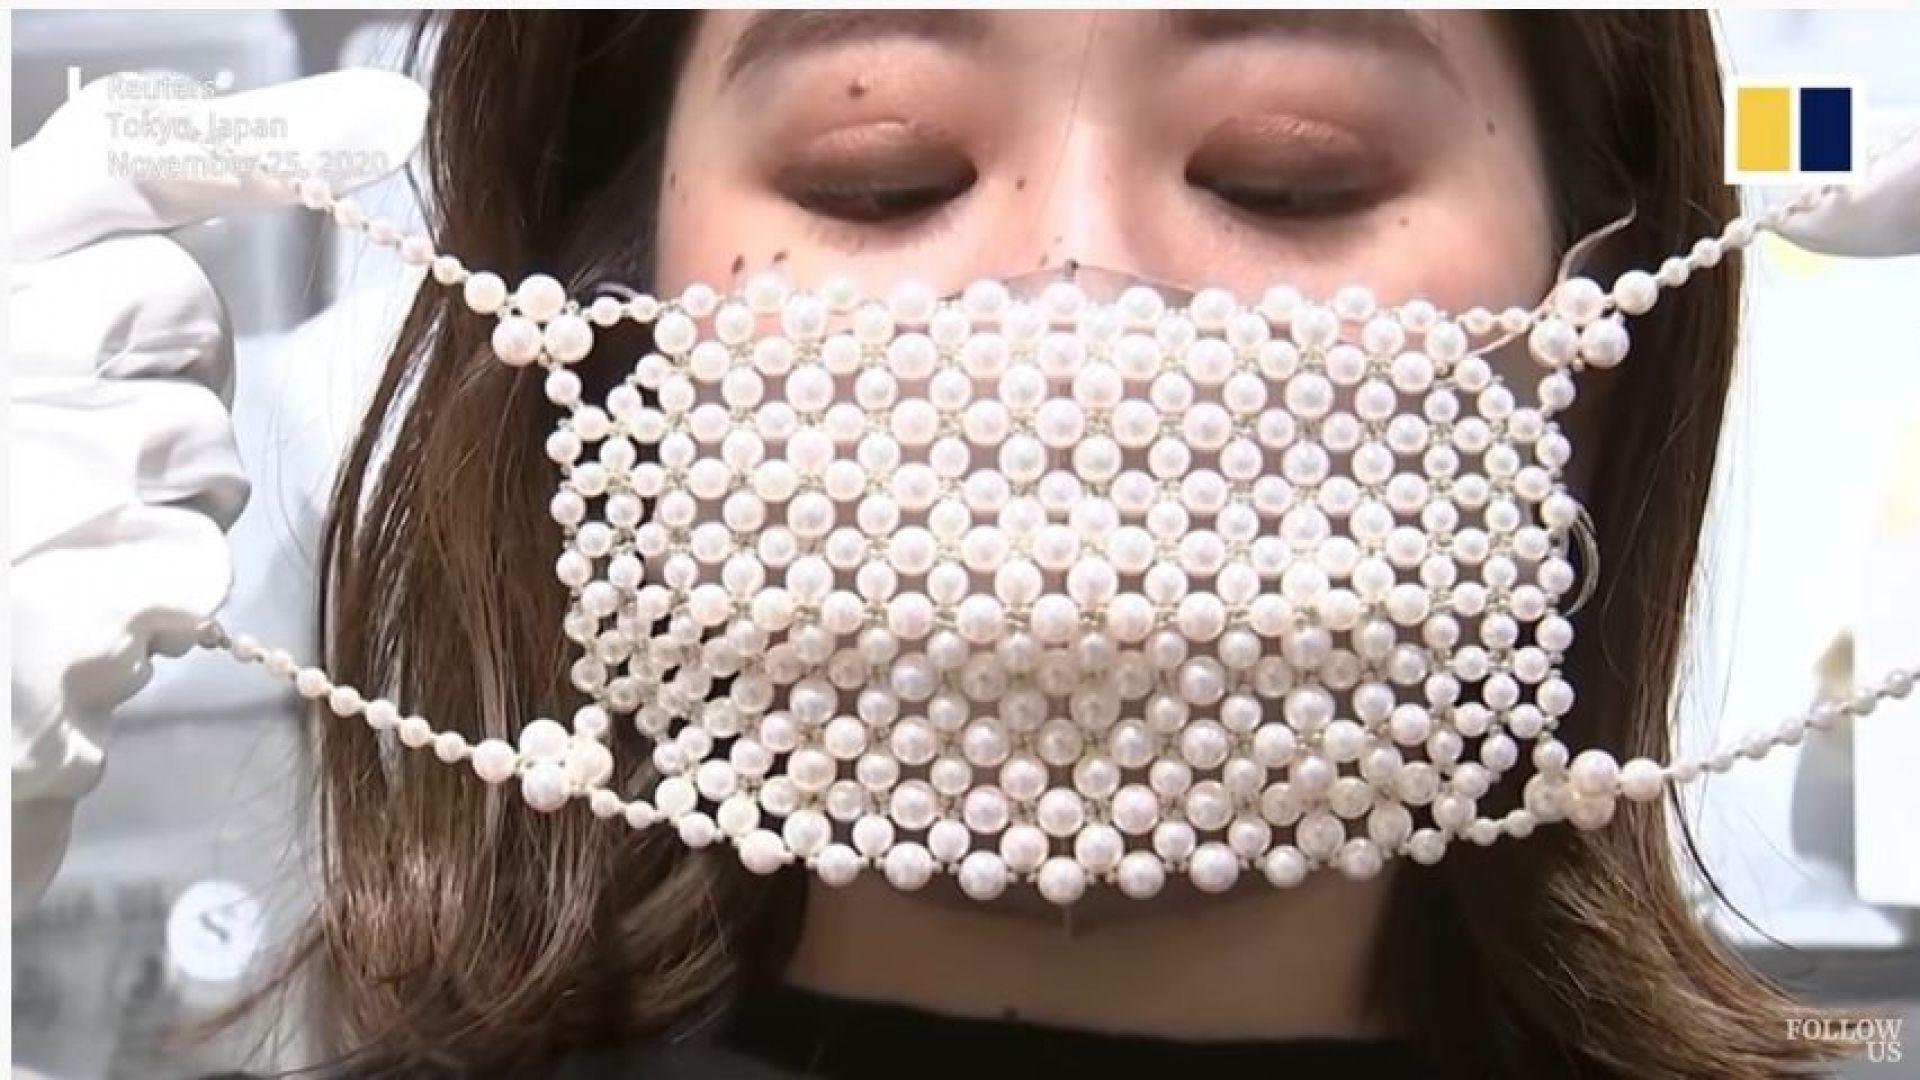 Mаски с диаманти и перли за милион йени на пазара в Япония